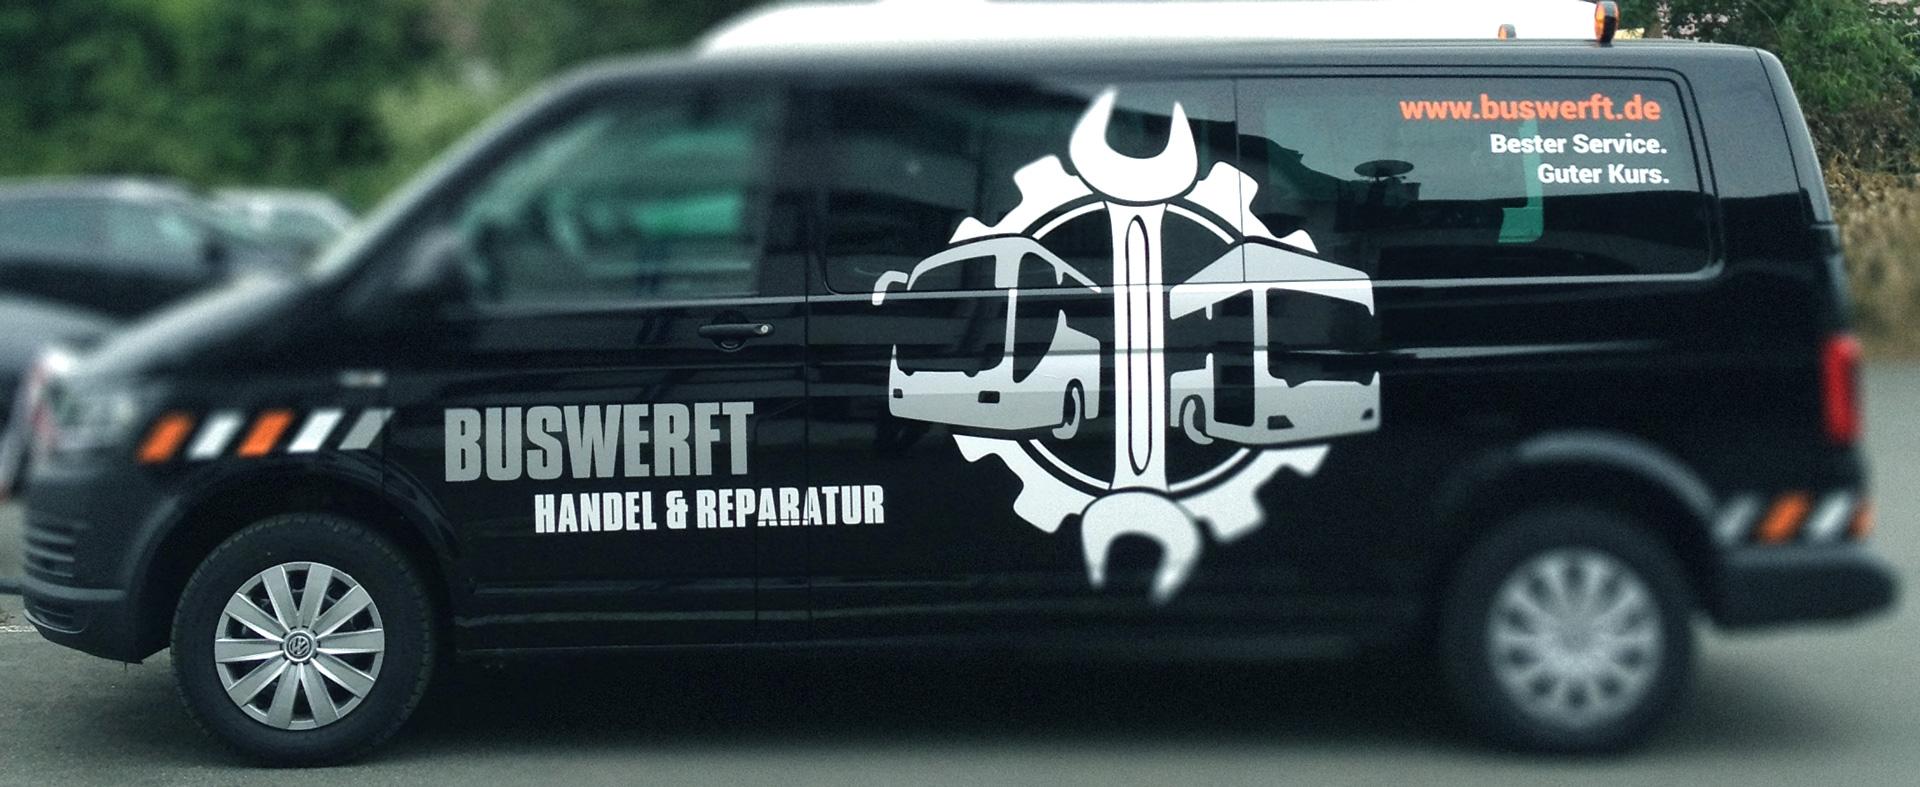 Fahrzeugbeschriftung »Buswerft«